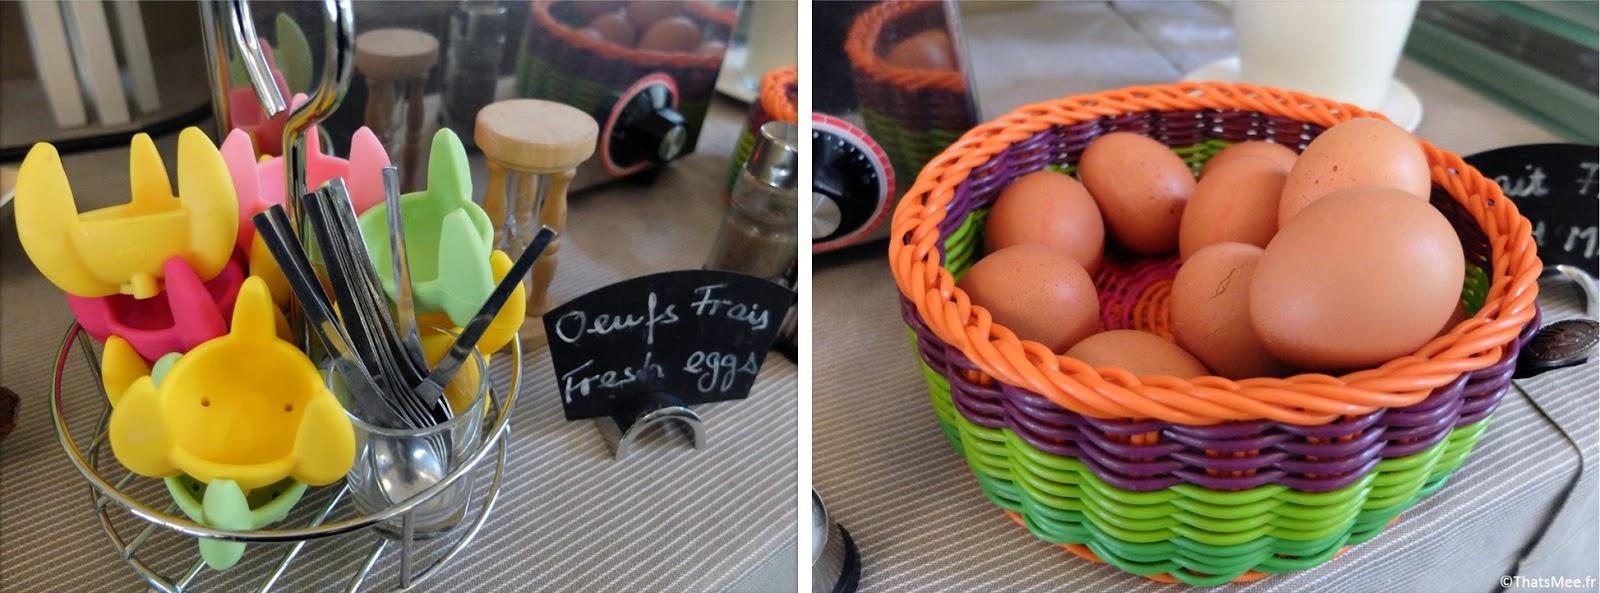 Petit-dèj coloré et funky présentation oeufs, petit déjeuner Hôtel Victoria, Fontainbleau